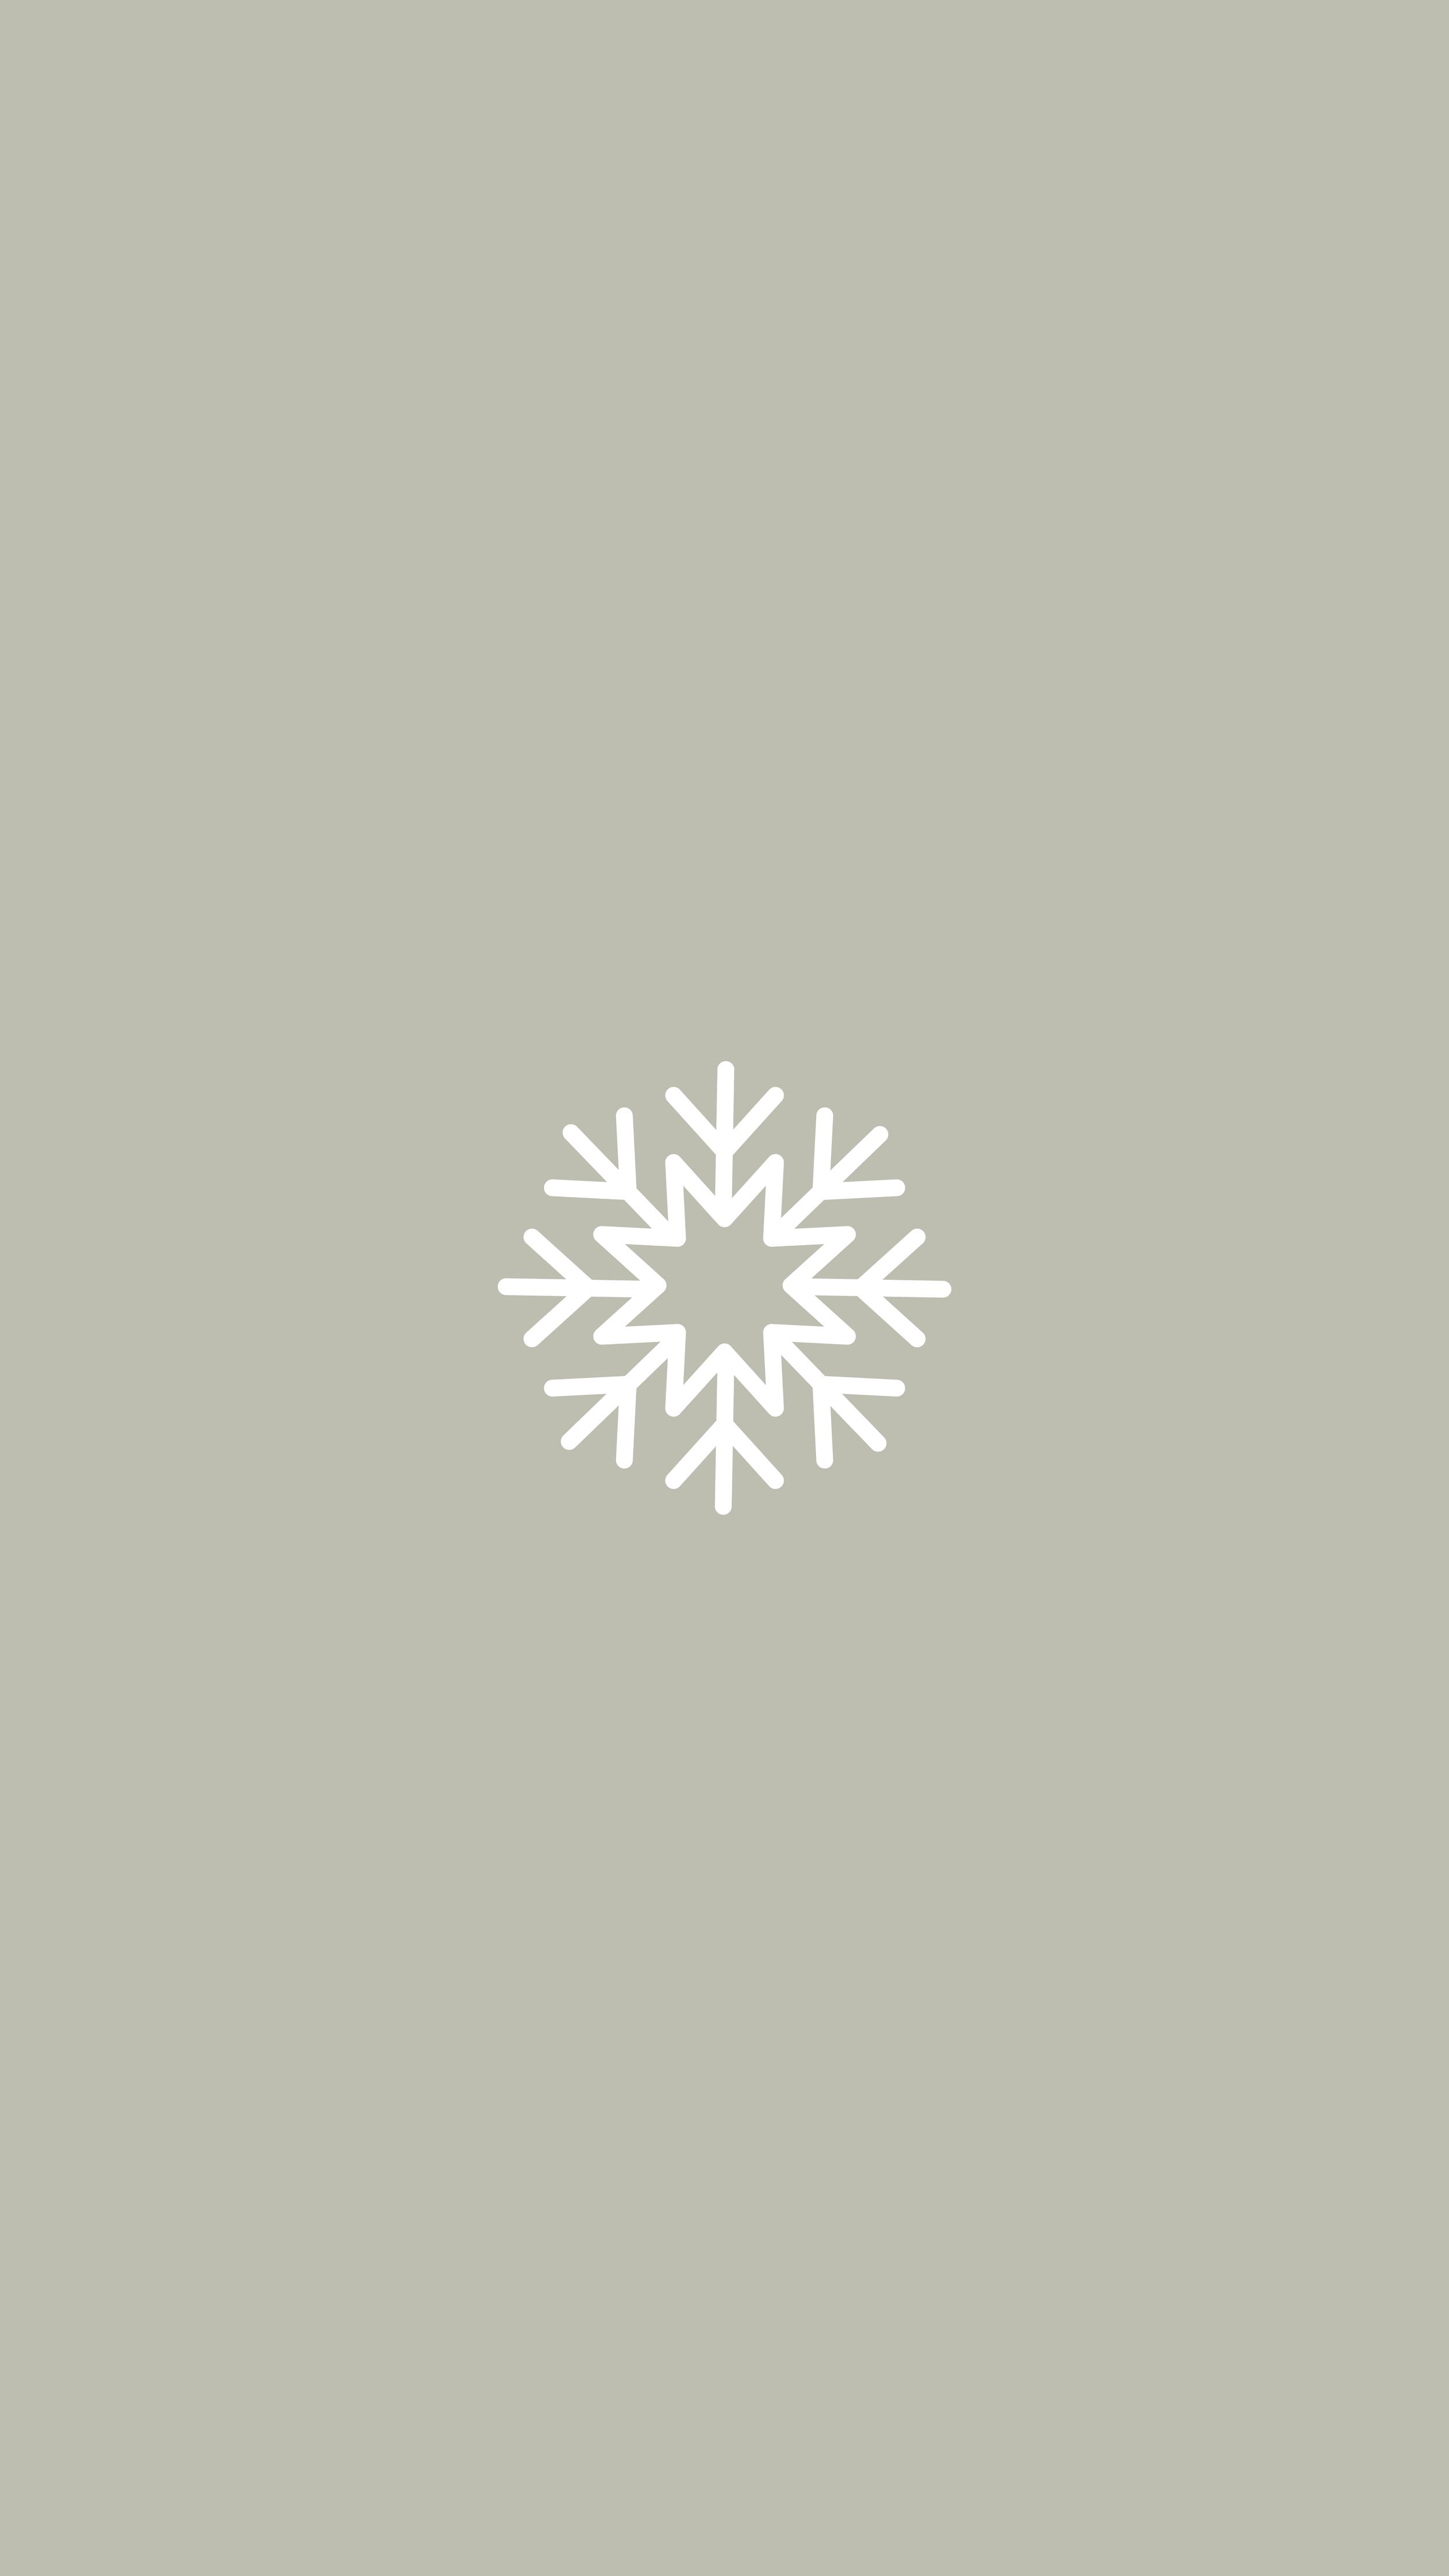 Winter, Snow, Christmas